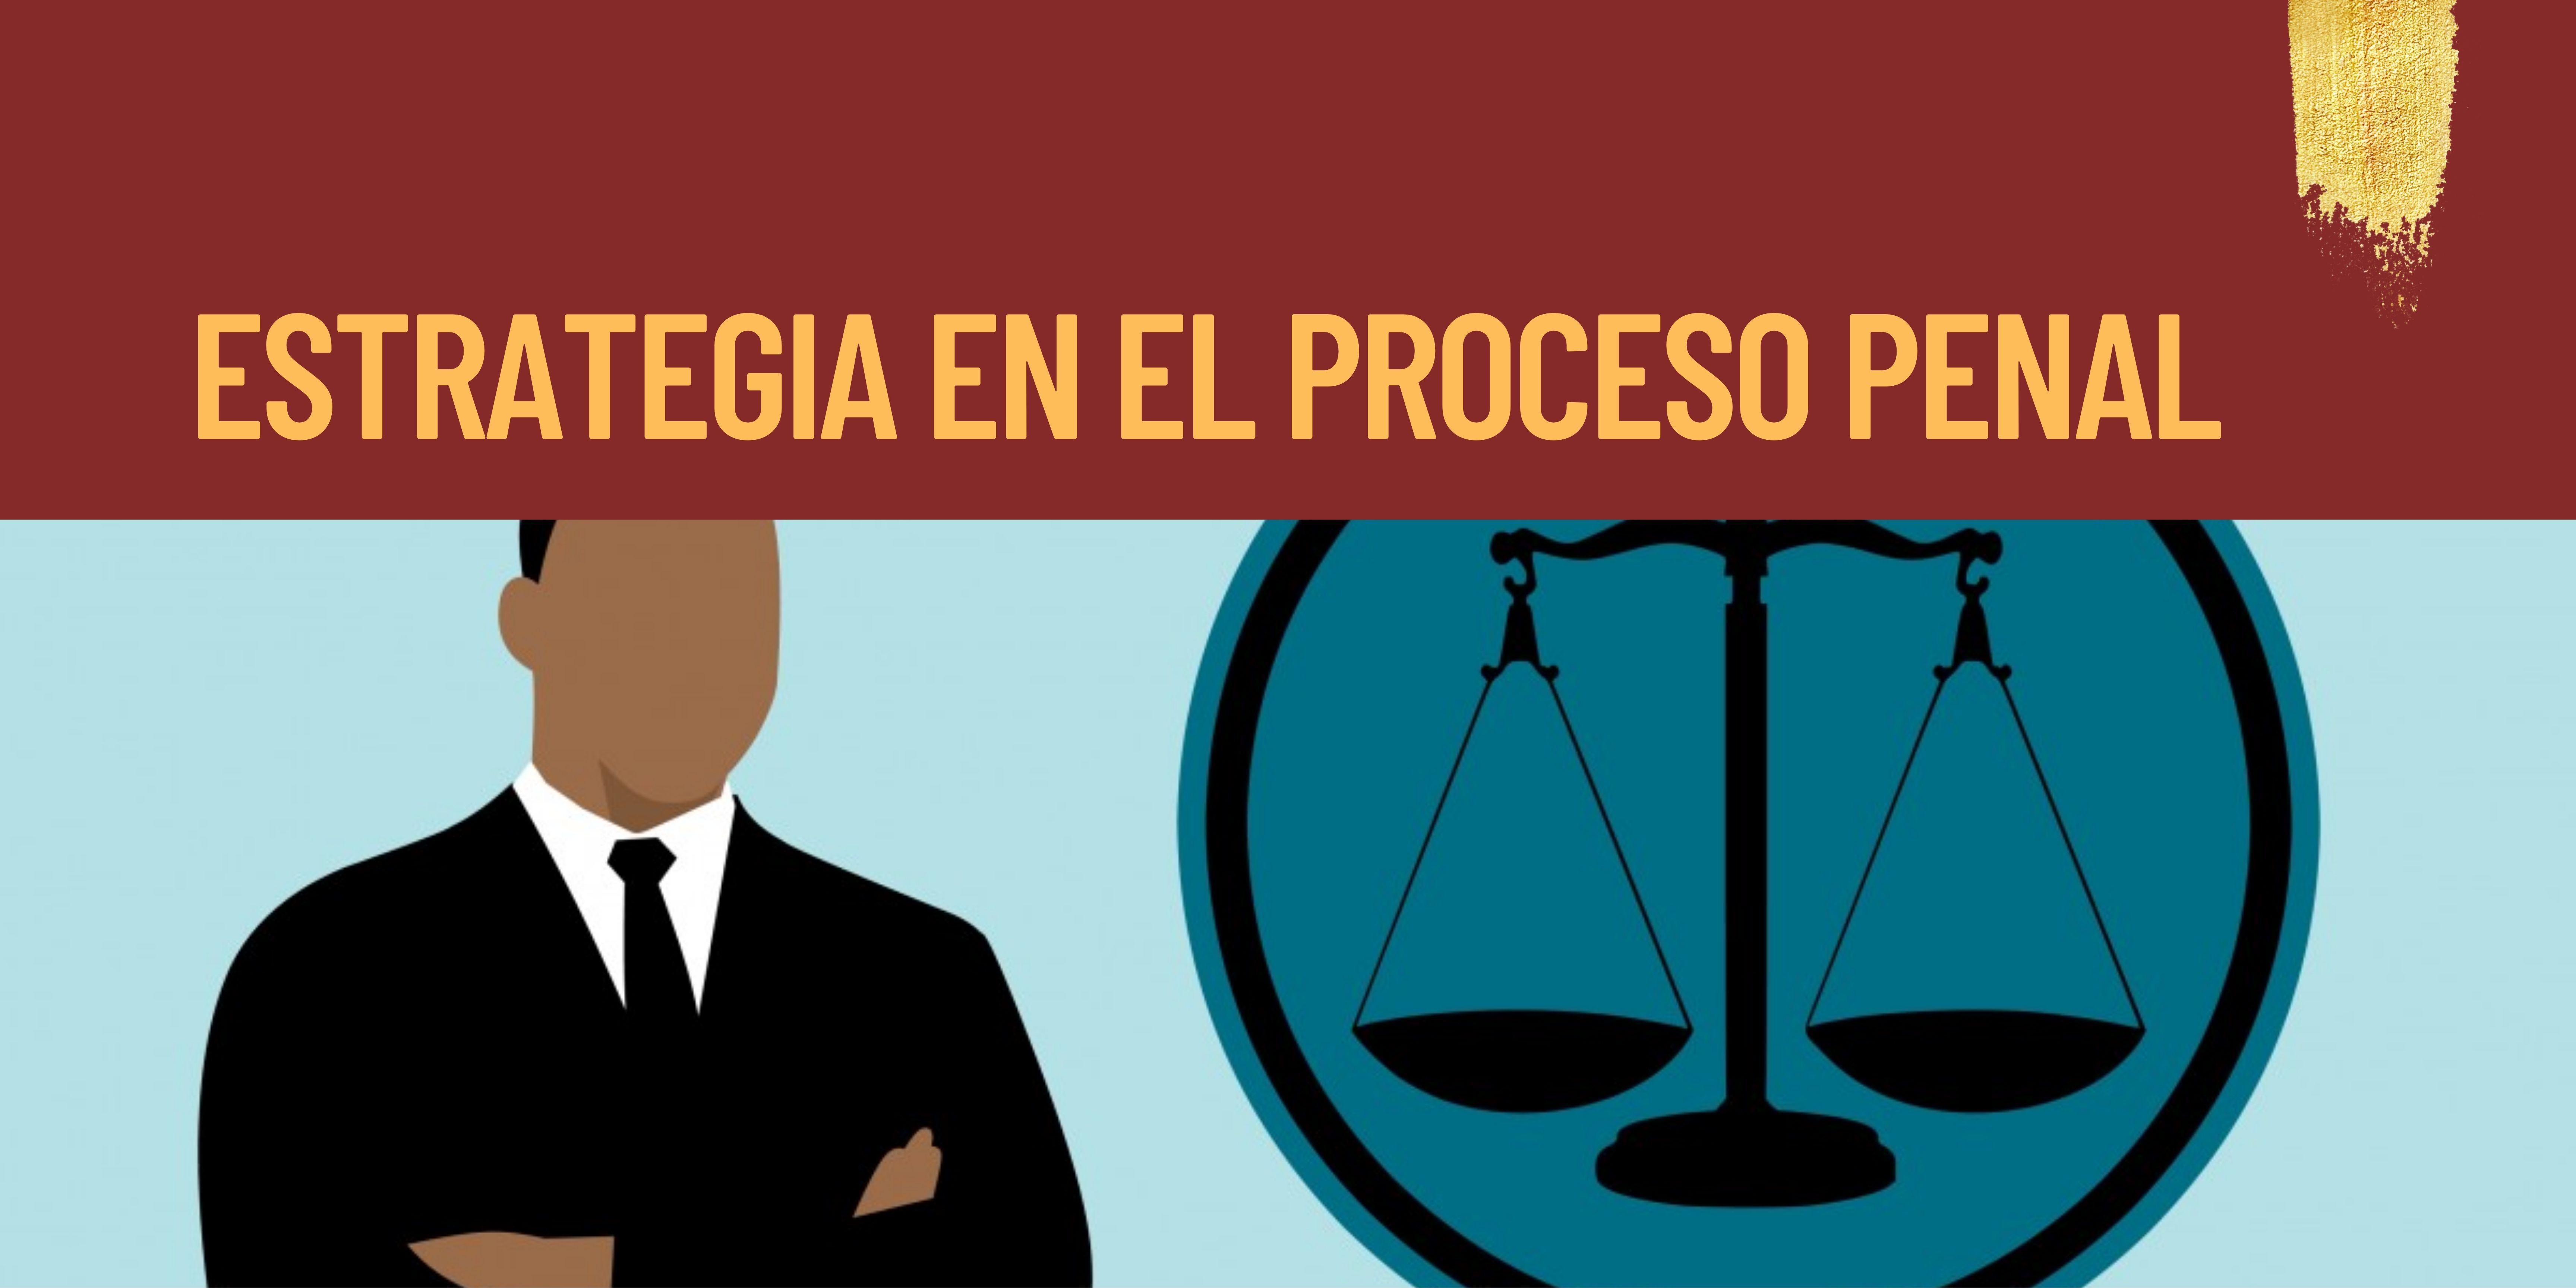 FUN-002-21-01 Curso Estrategia en el Proceso Penal (Grupo 1)